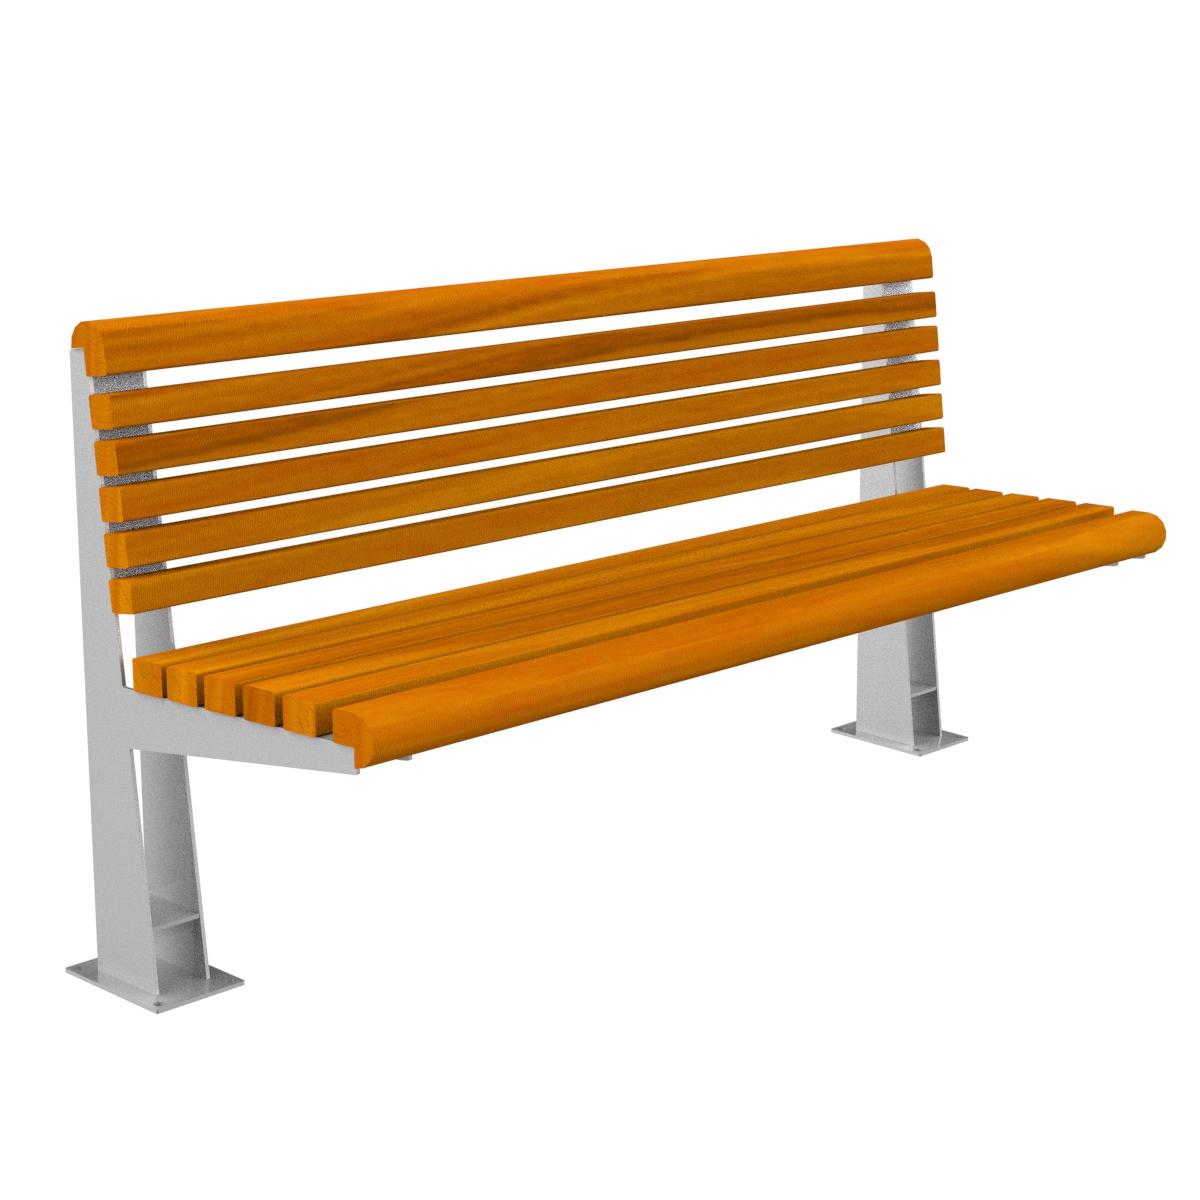 Banco madera ronda mobiliario urbano para sentarse parques for Bancos de jardin precios